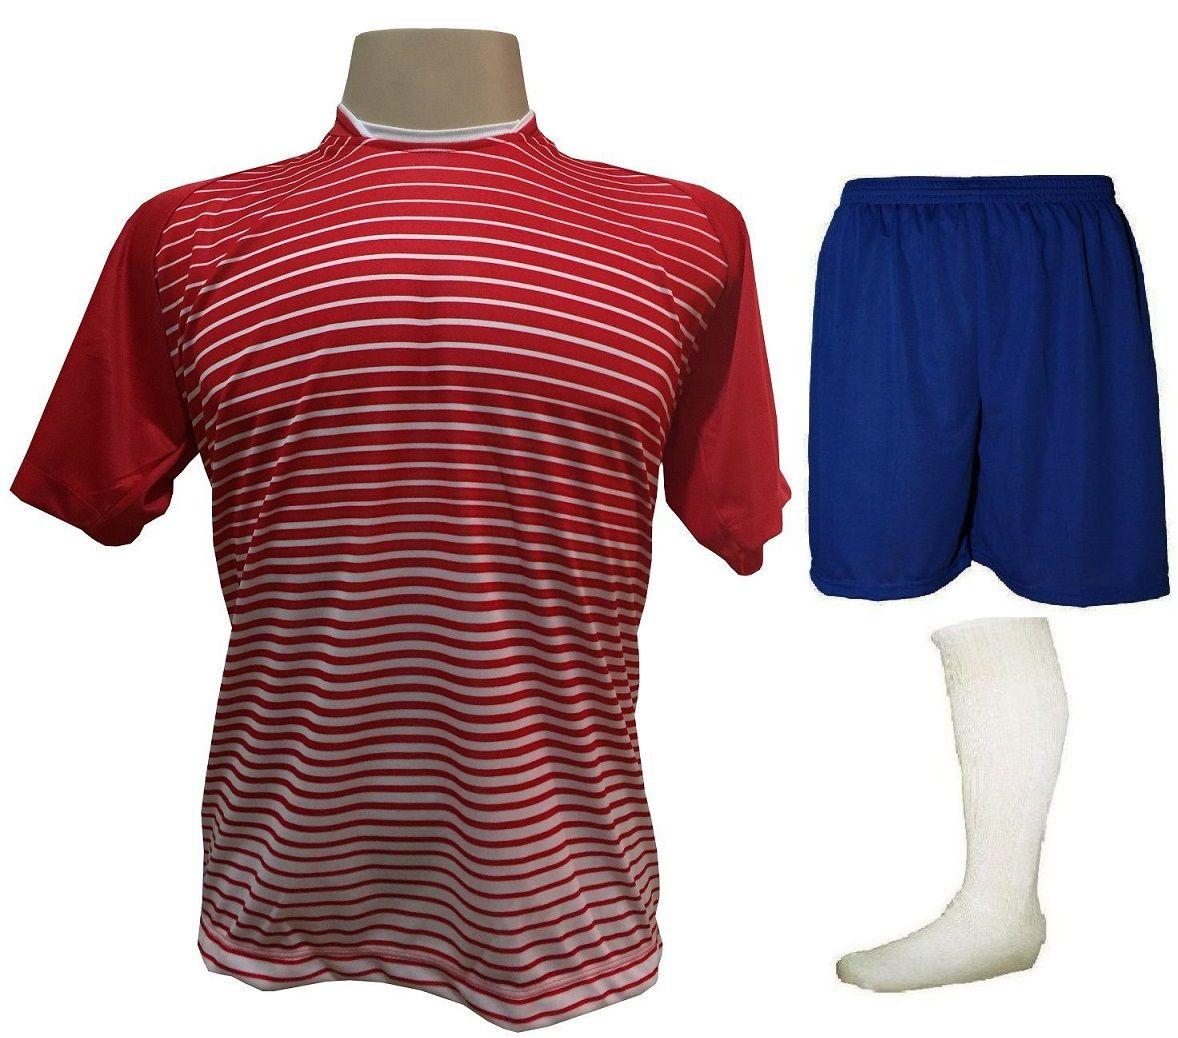 Uniforme Esportivo com 12 Camisas modelo City Vermelho/Branco + 12 Calções modelo Madrid Royal + 12 Pares de meiões Branco